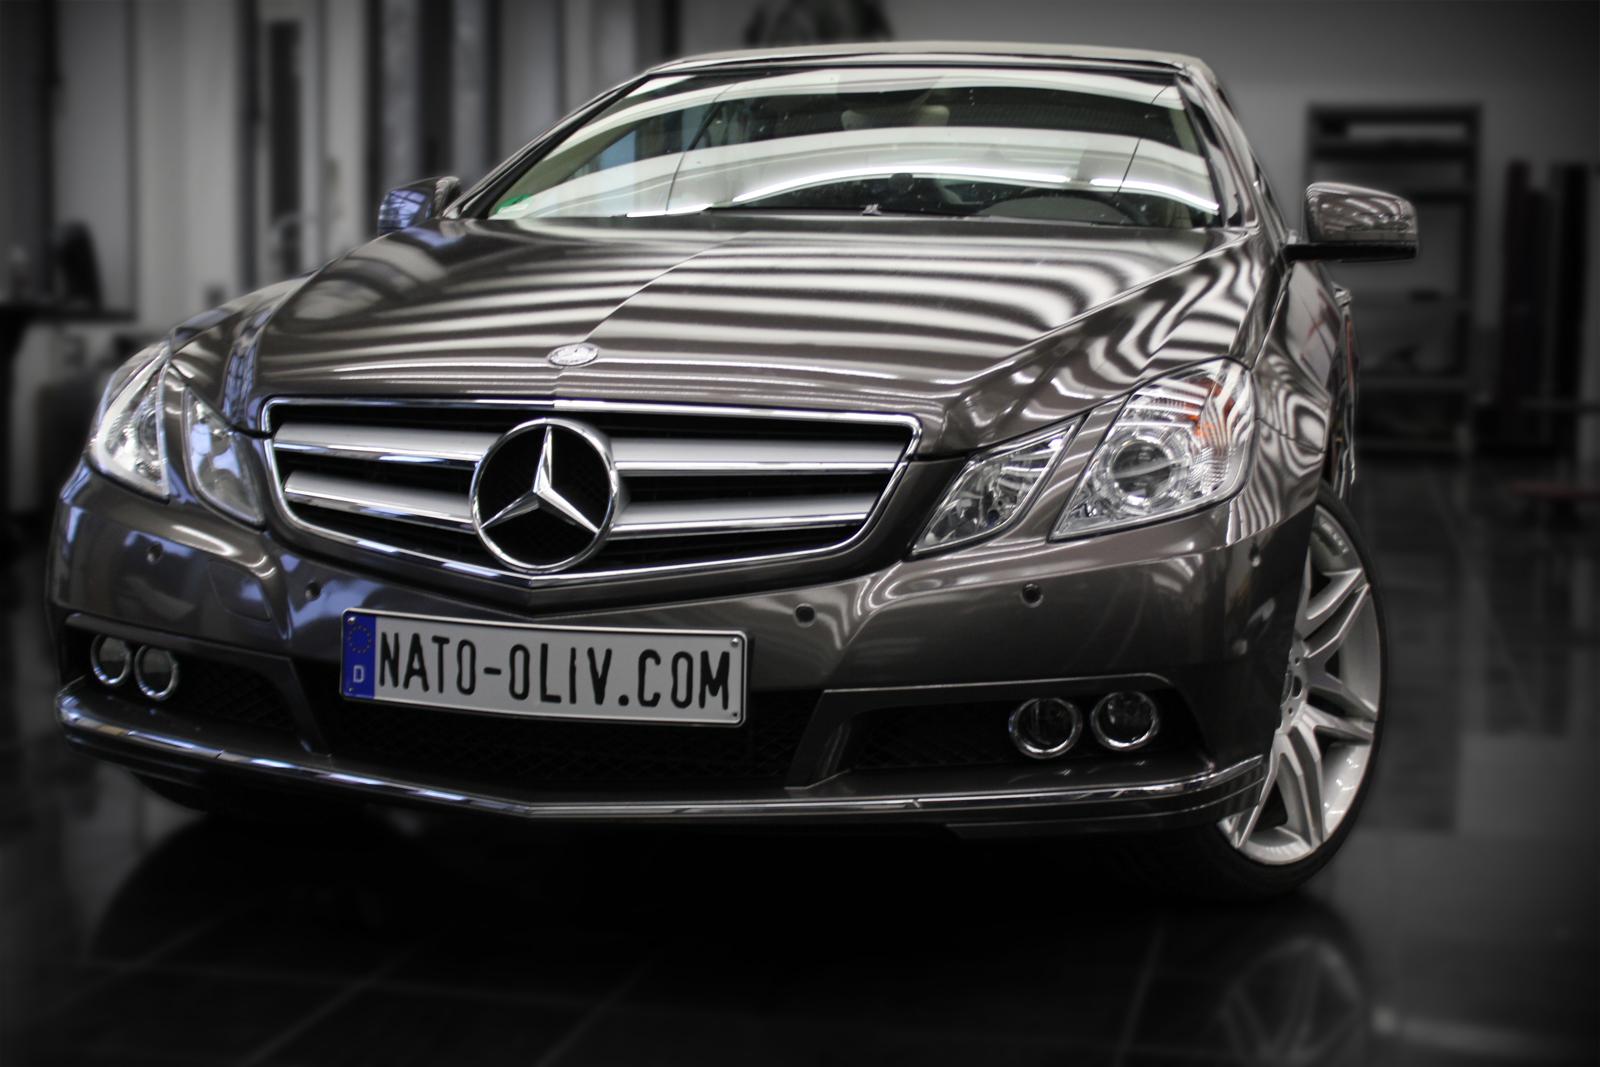 Mercedes_E-Klasse_Cabrio_Folierung_Stannitgrau_Metallic_Glanz_Titelbild